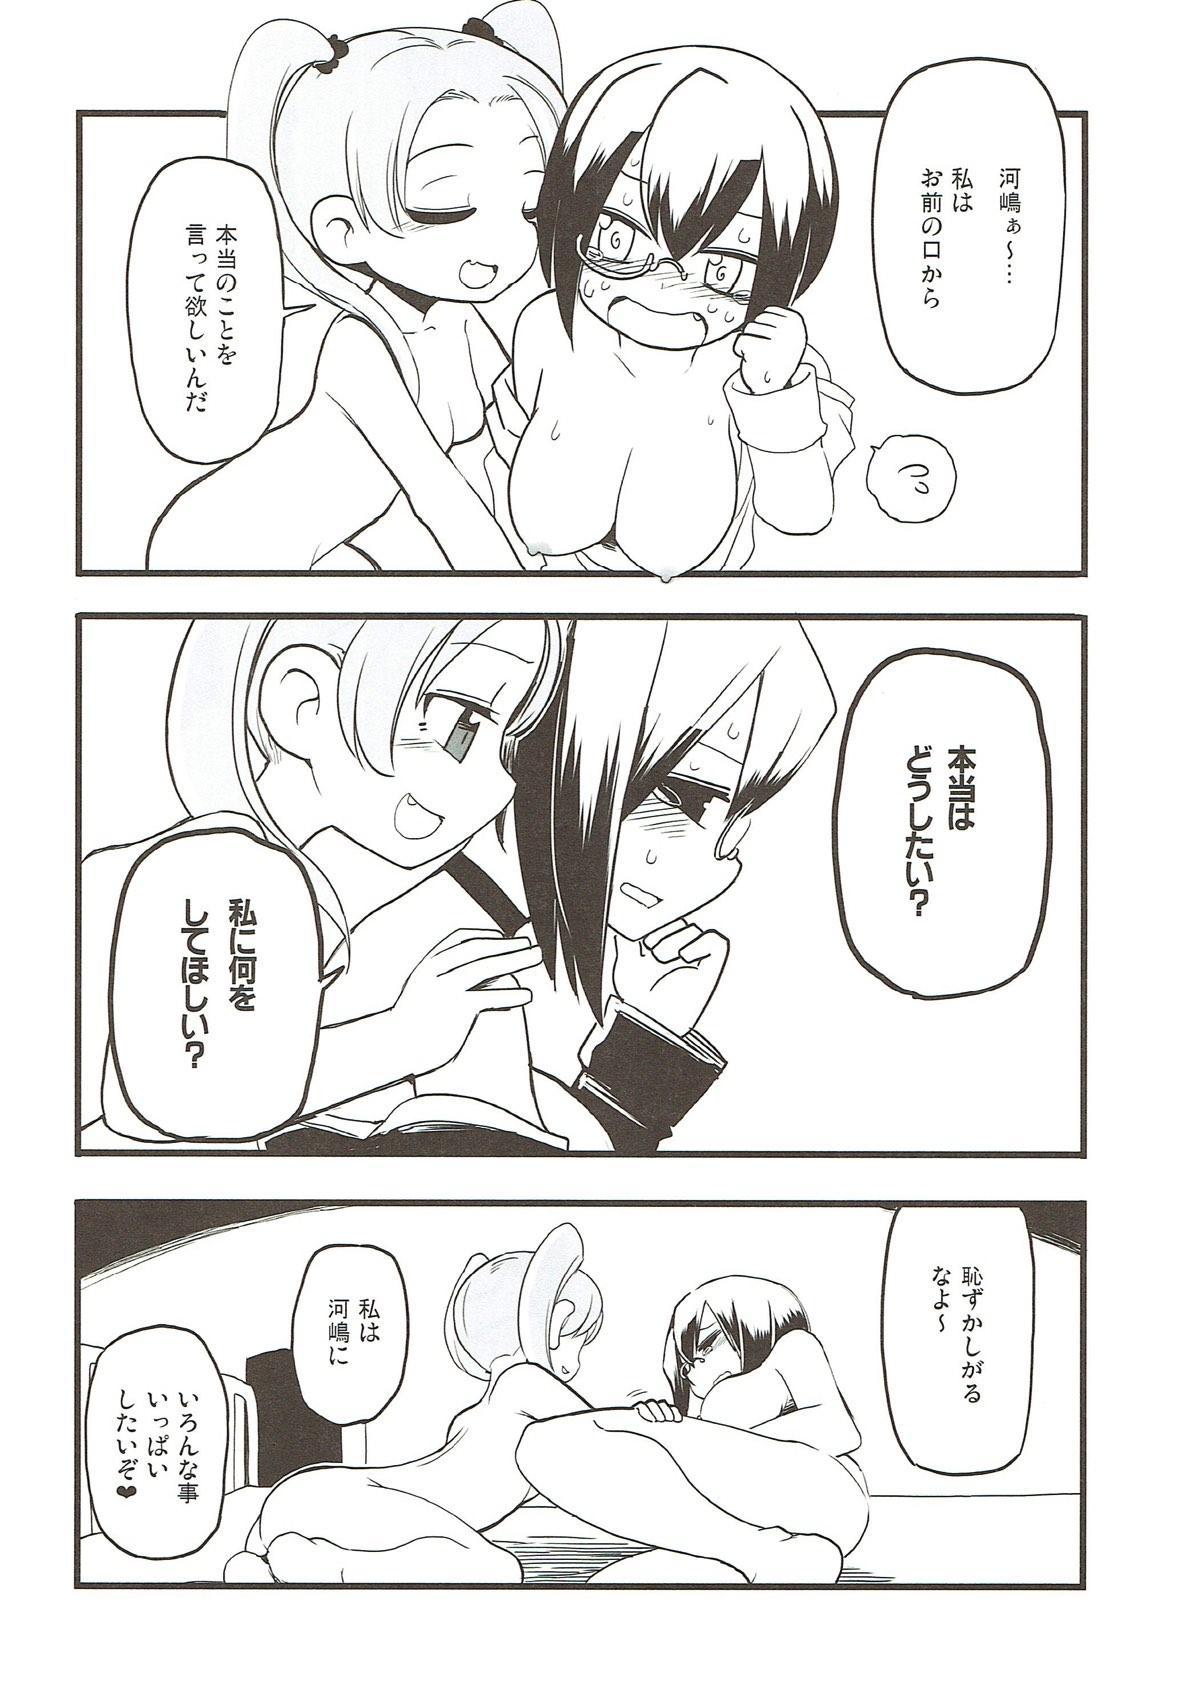 Kyou AnMomo wa Yuri Ecchi o Suru. 8